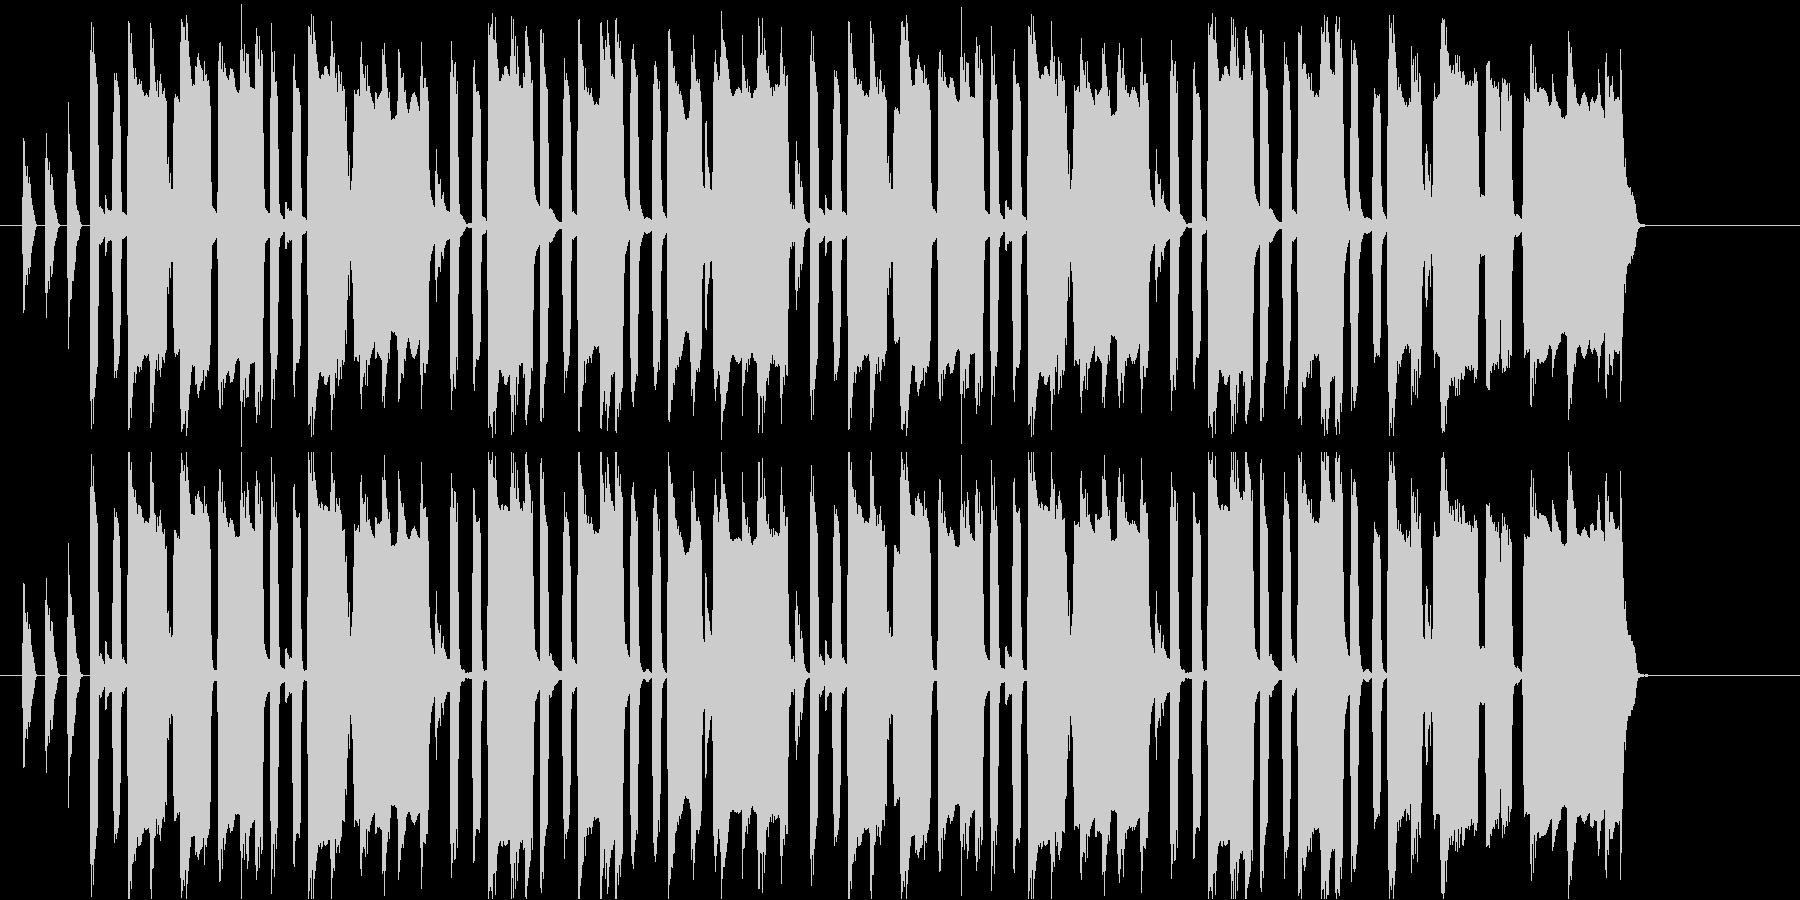 うきうきスキップする感じの曲の未再生の波形